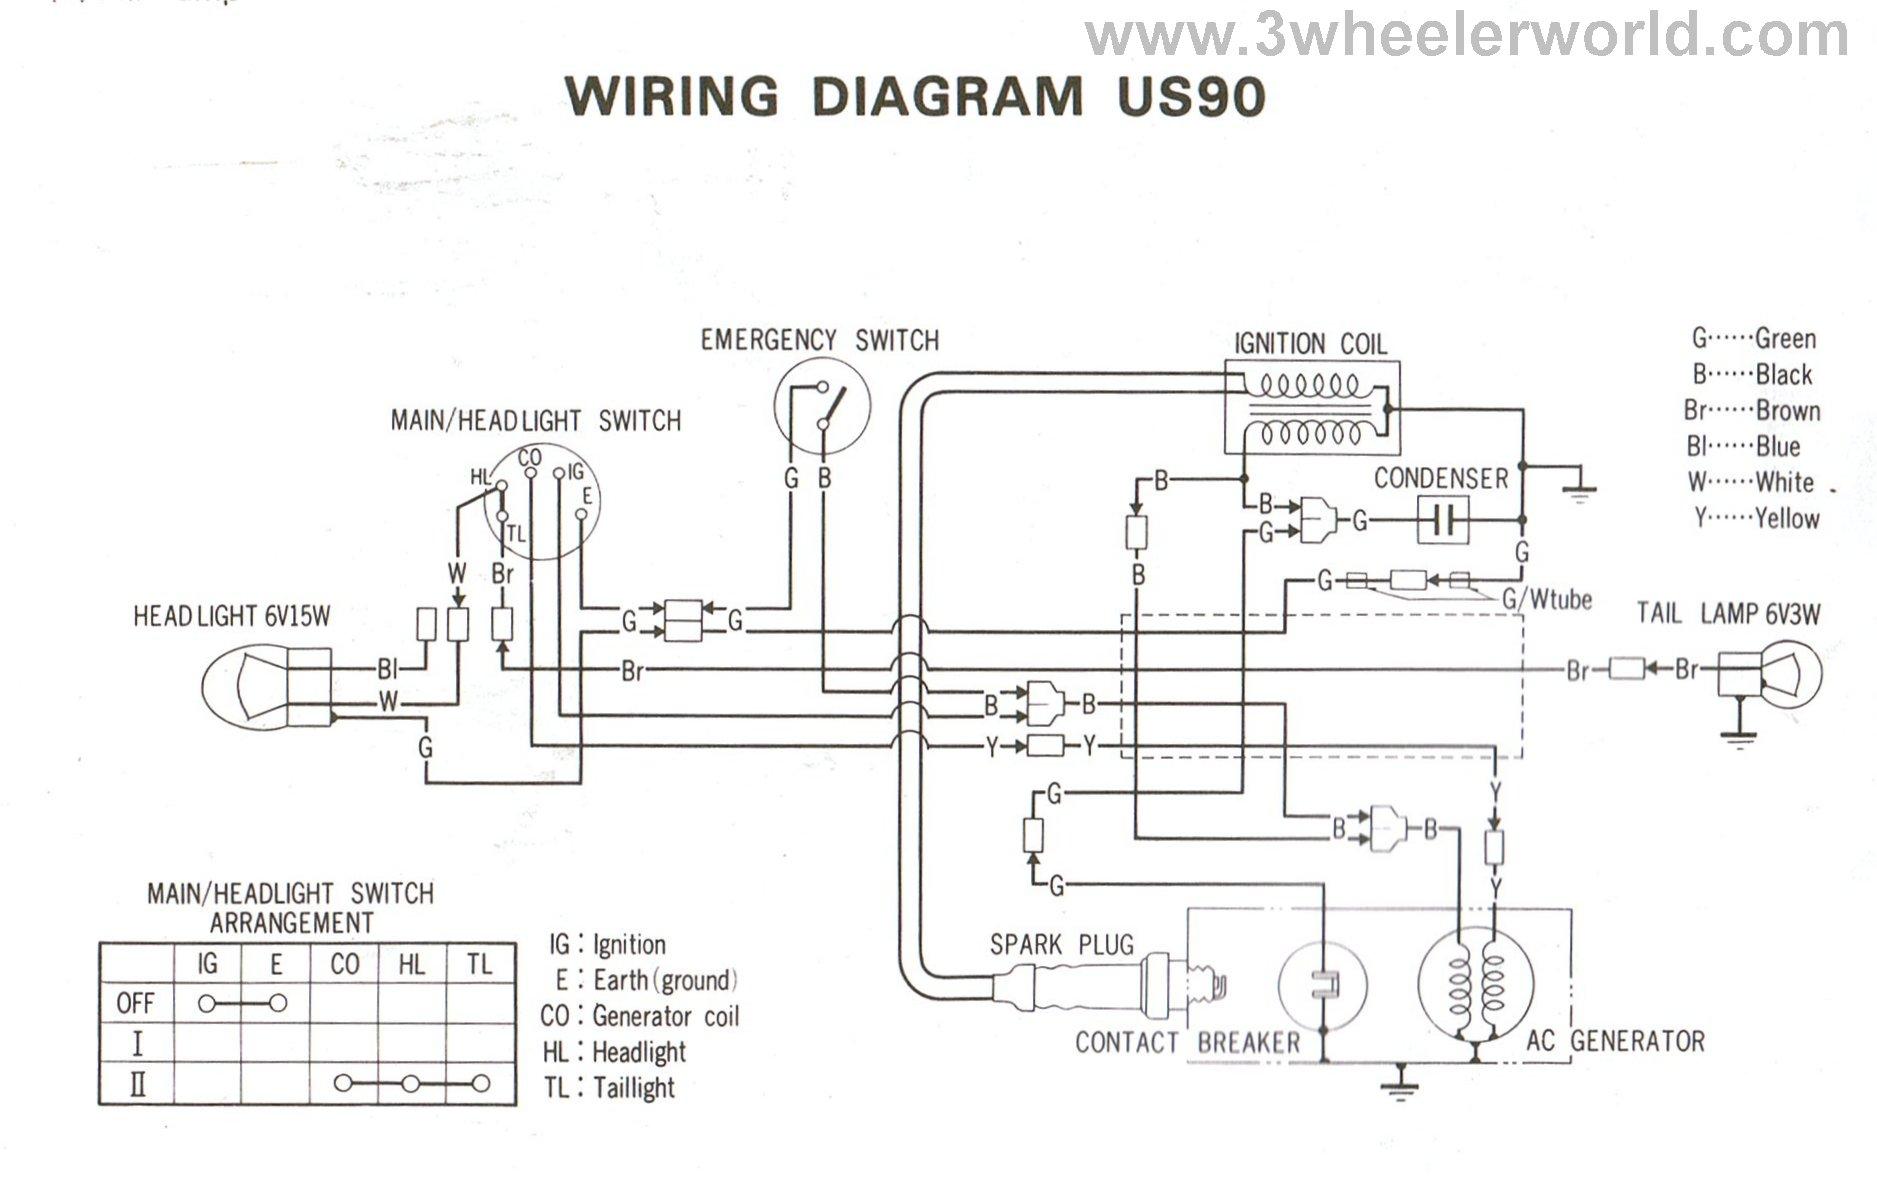 Kawasaki Prairie 650 Atv Wiring Diagrams Get Free Image About Wiring